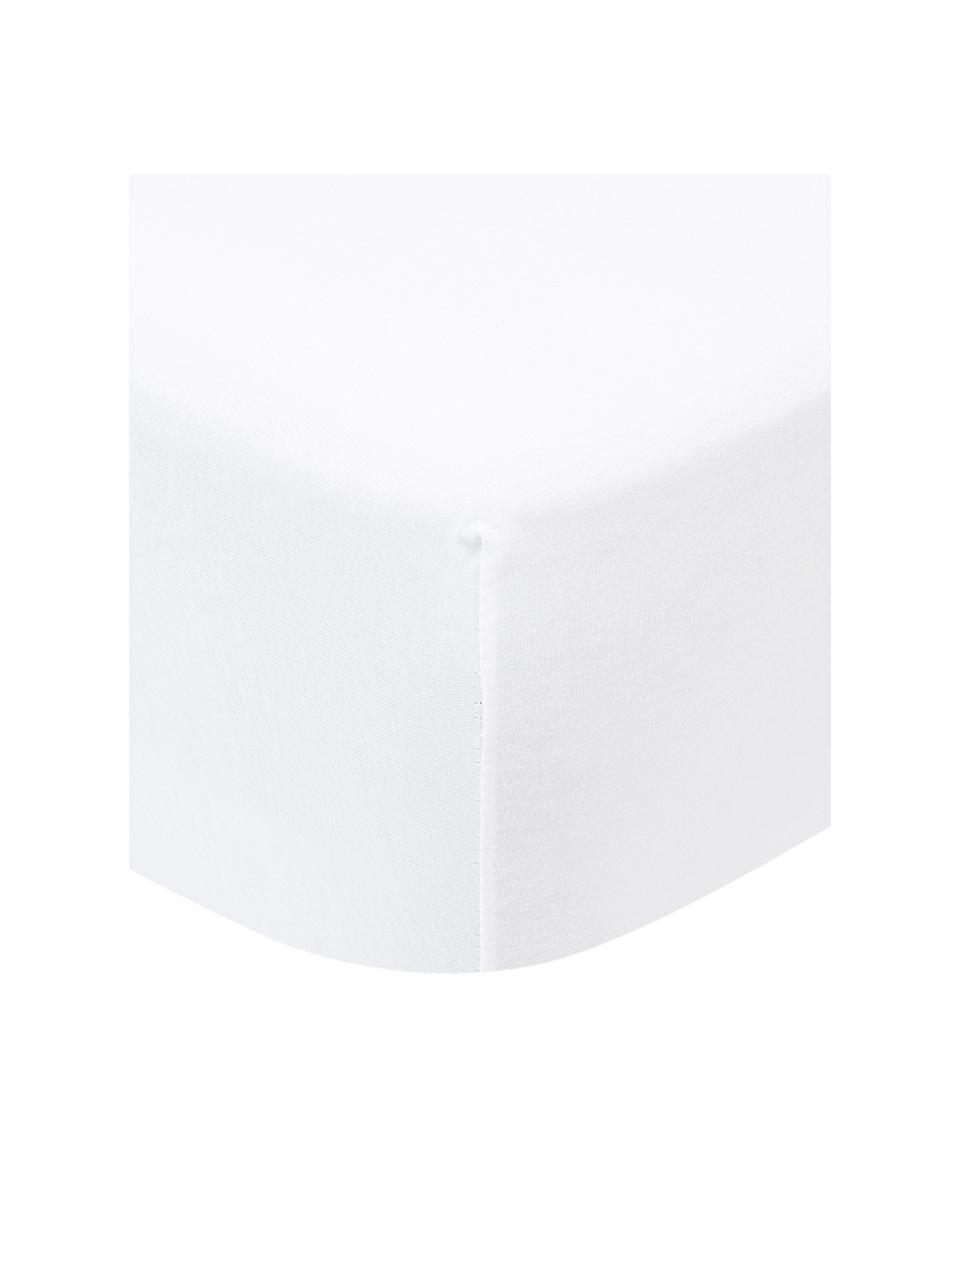 Boxspring hoeslaken Lara in wit, jersey-elastaan, 95% katoen, 5% elastaan, Wit, 180 x 200 cm